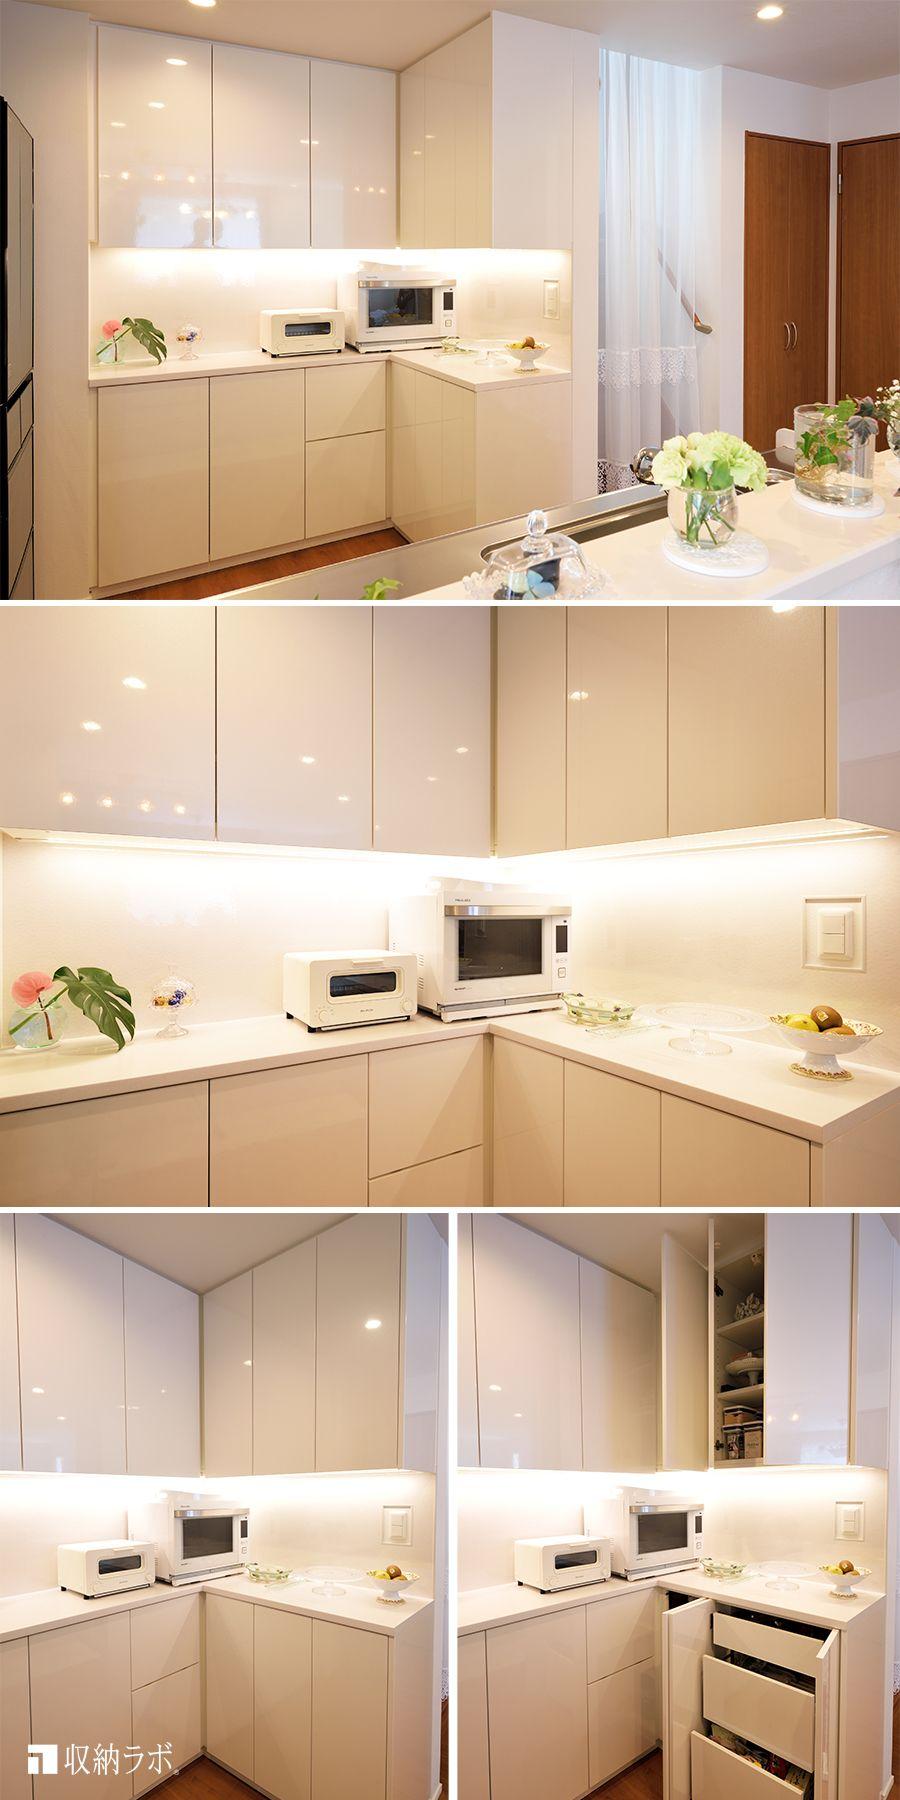 すべてを隠せてフラットな印象にこだわった 白い食器棚 食器棚